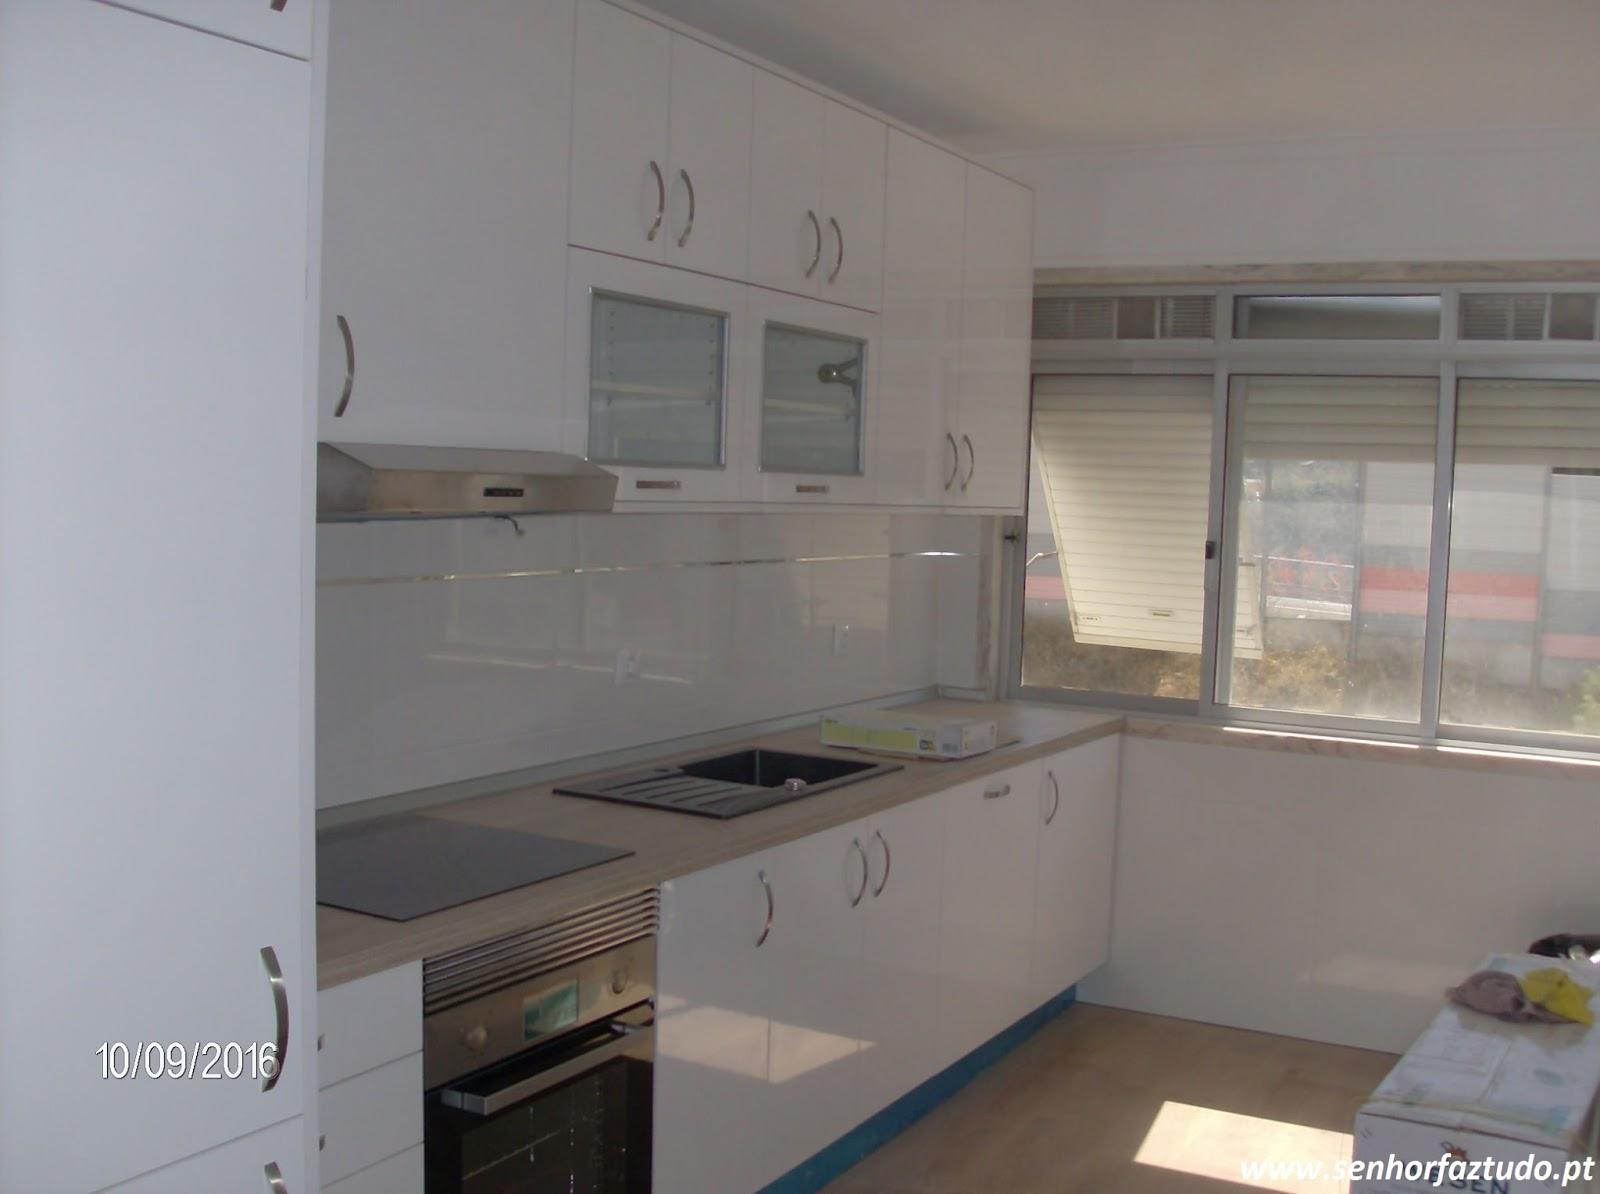 SENHOR FAZ TUDO Faz tudo pelo seu lar !®: Remodelação de Cozinhas #776A54 1600 1194